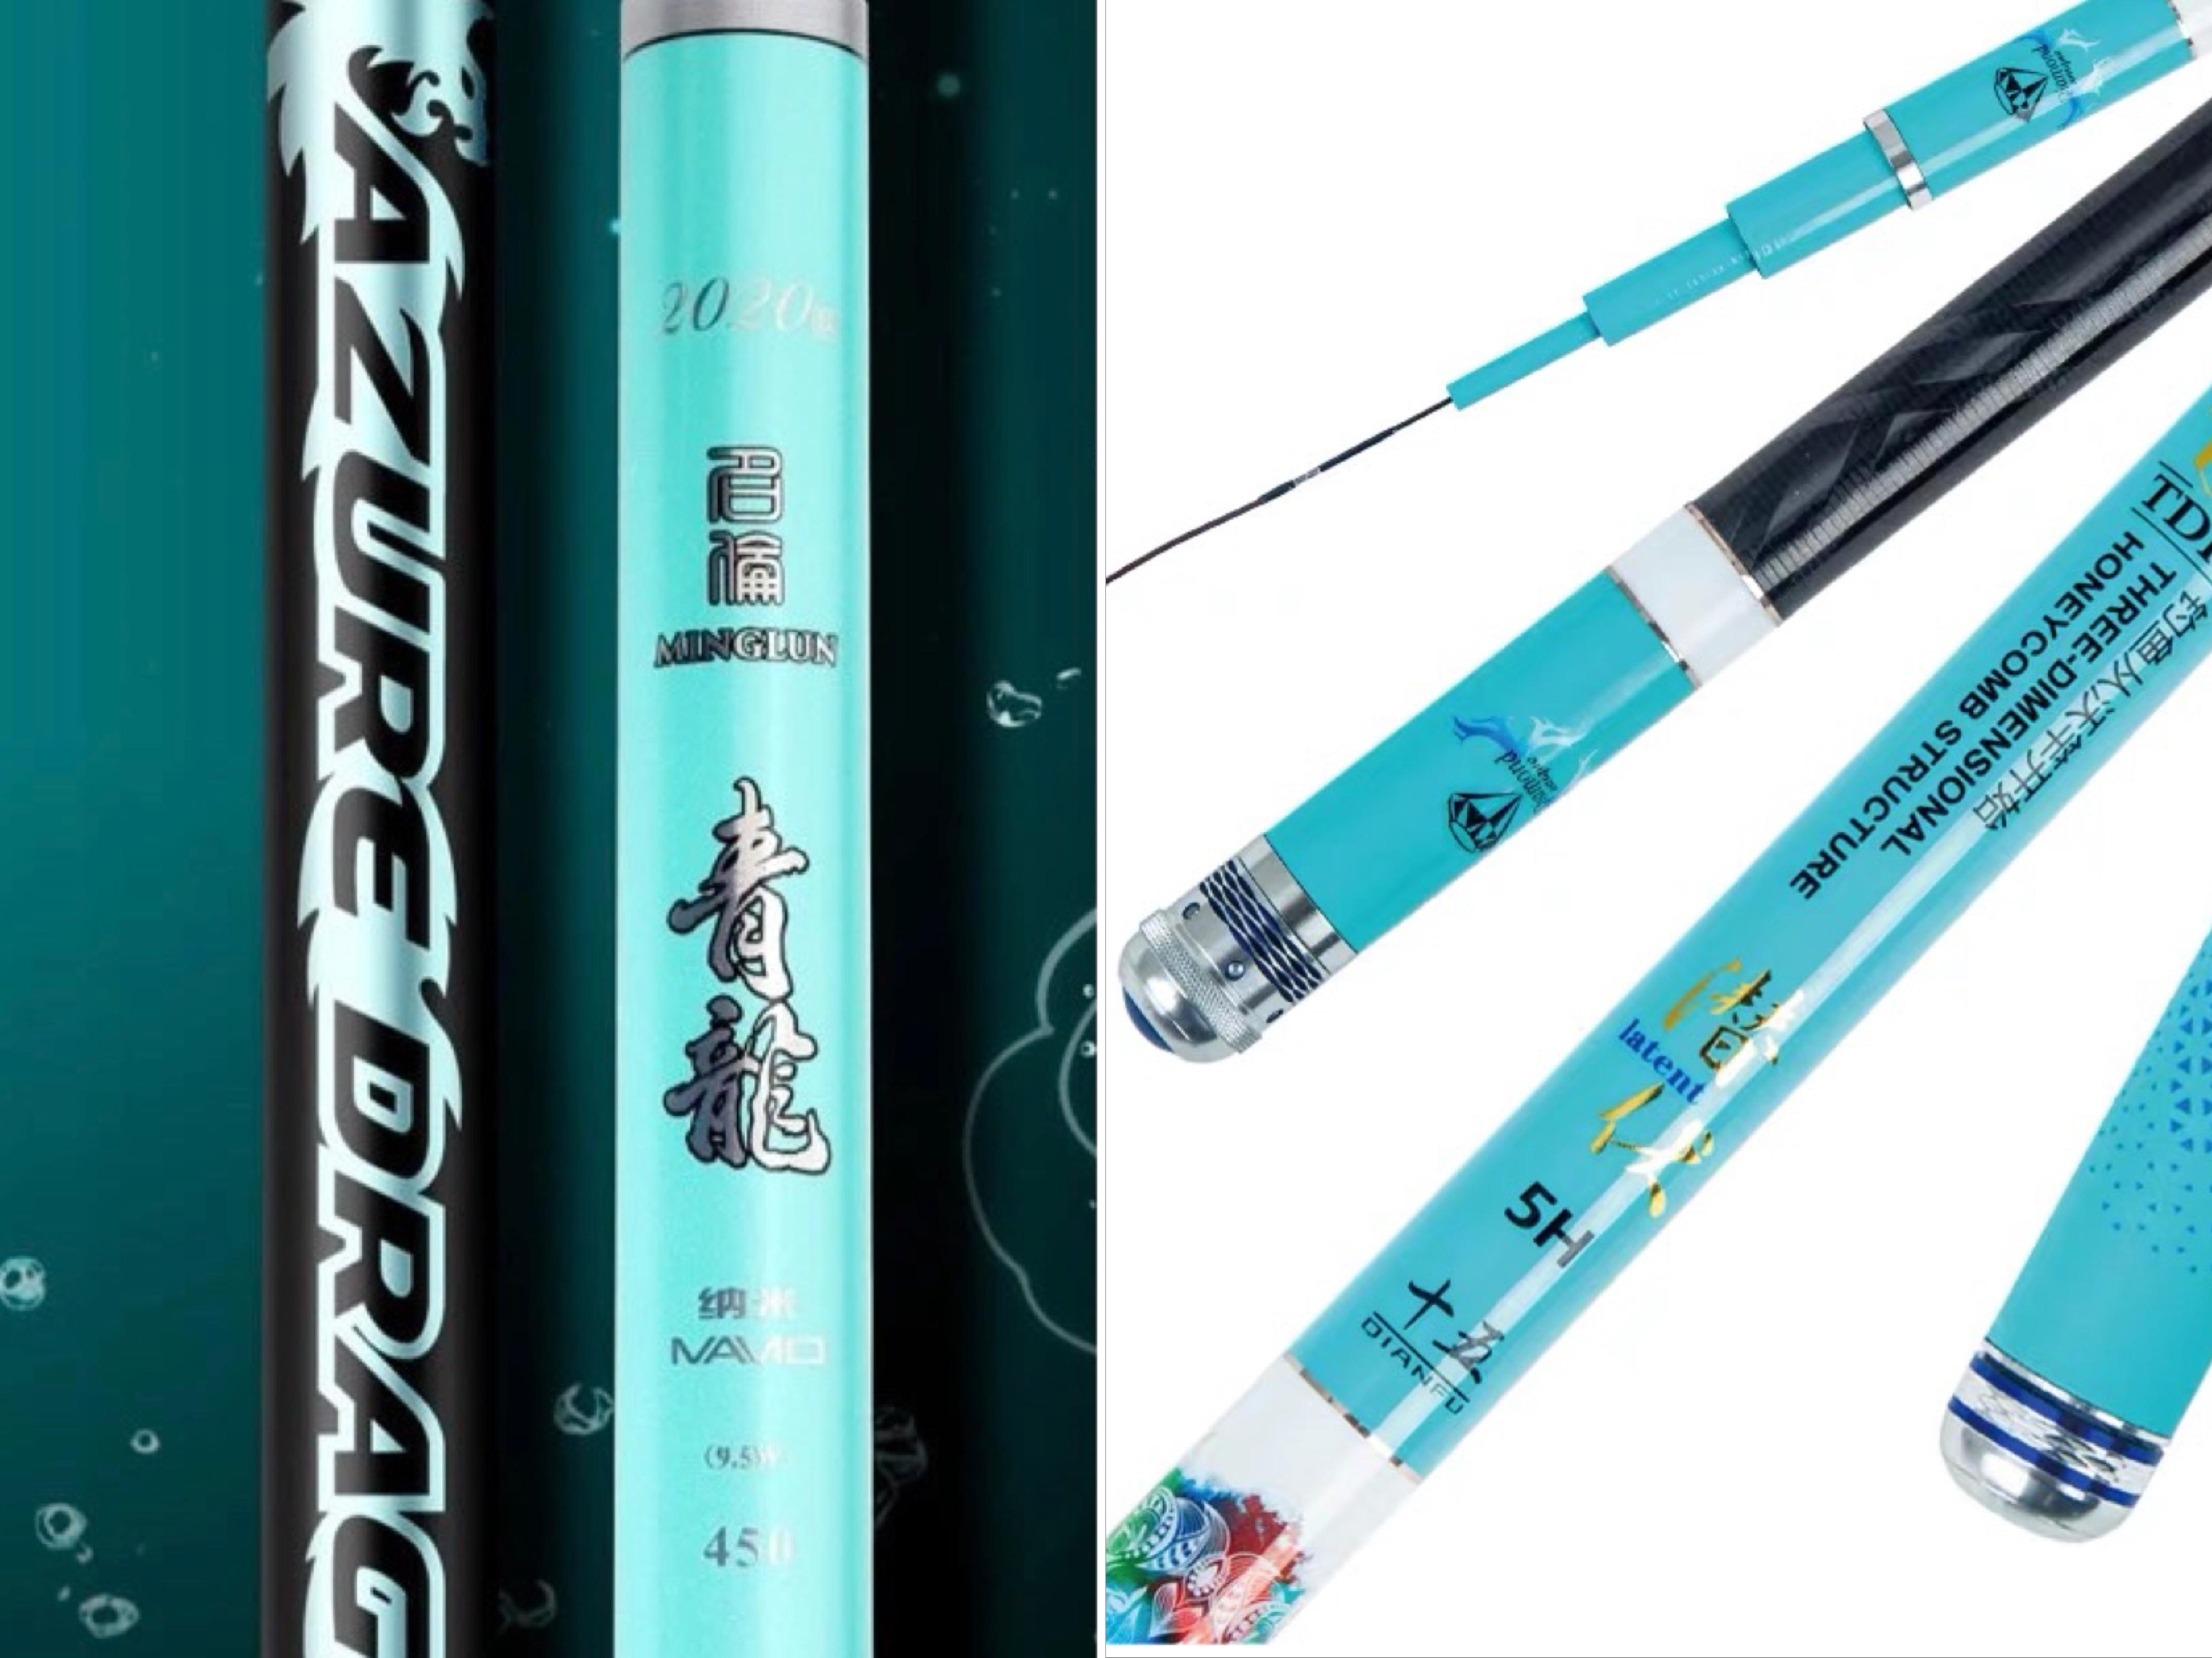 有的钓鱼竿要价上万,有的钓鱼竿才十几元,究竟是什么原因造成的?